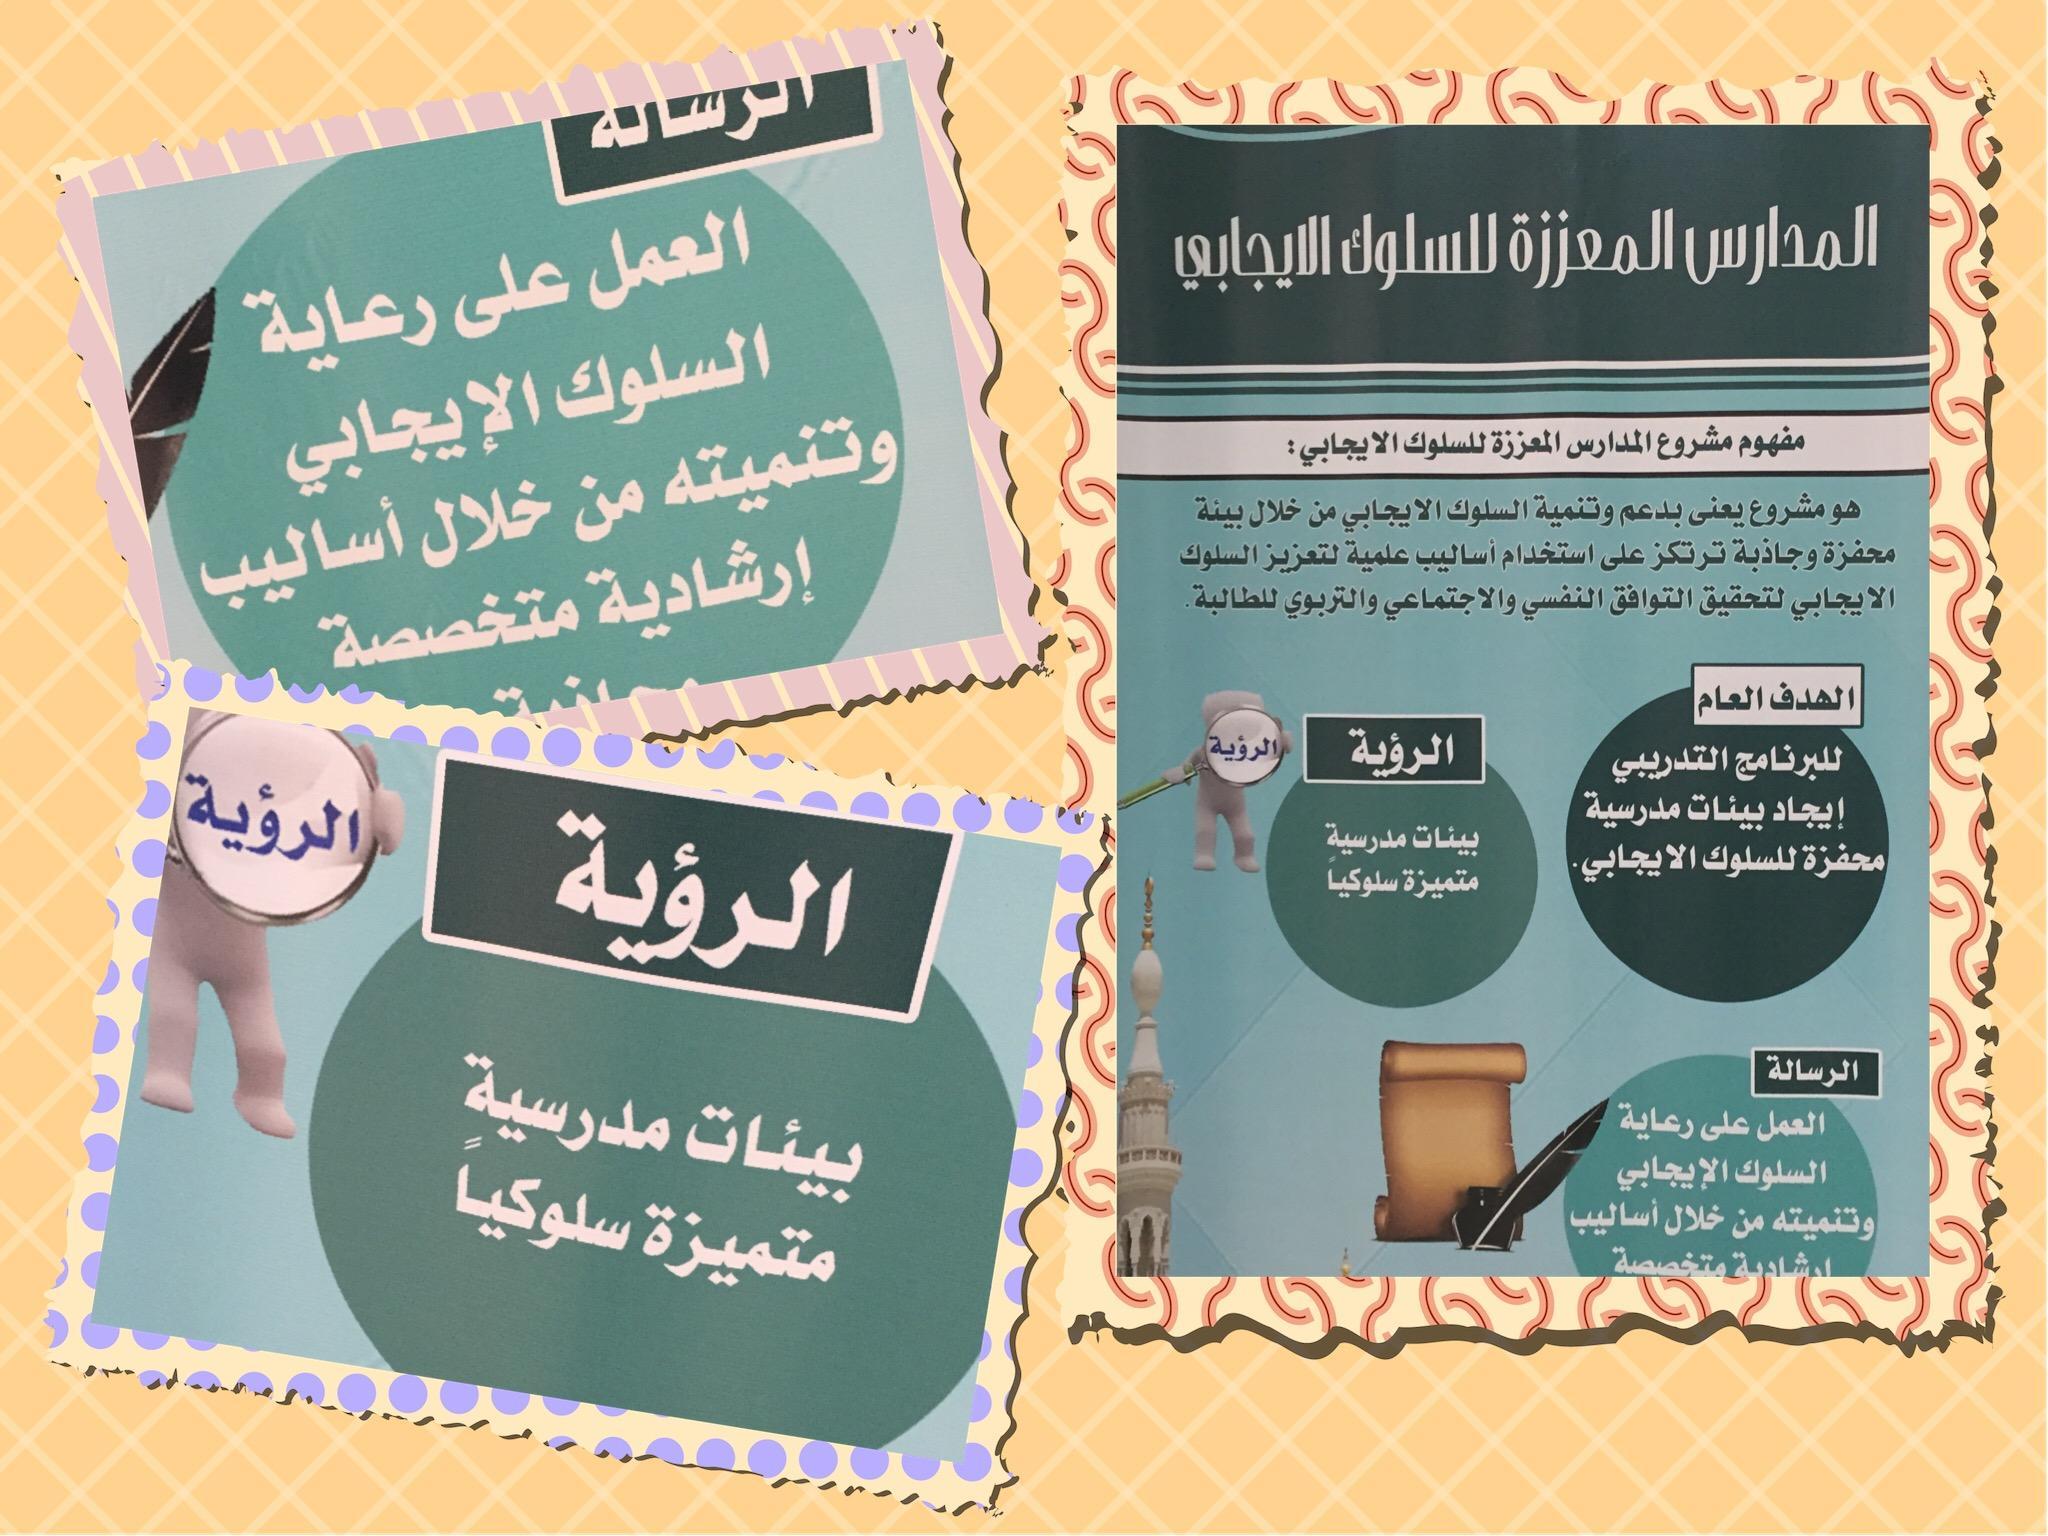 مشروع المدارس المعززة للسلوك الايجابي منتدى التعليم توزيع وتحضير المواد الدراسية